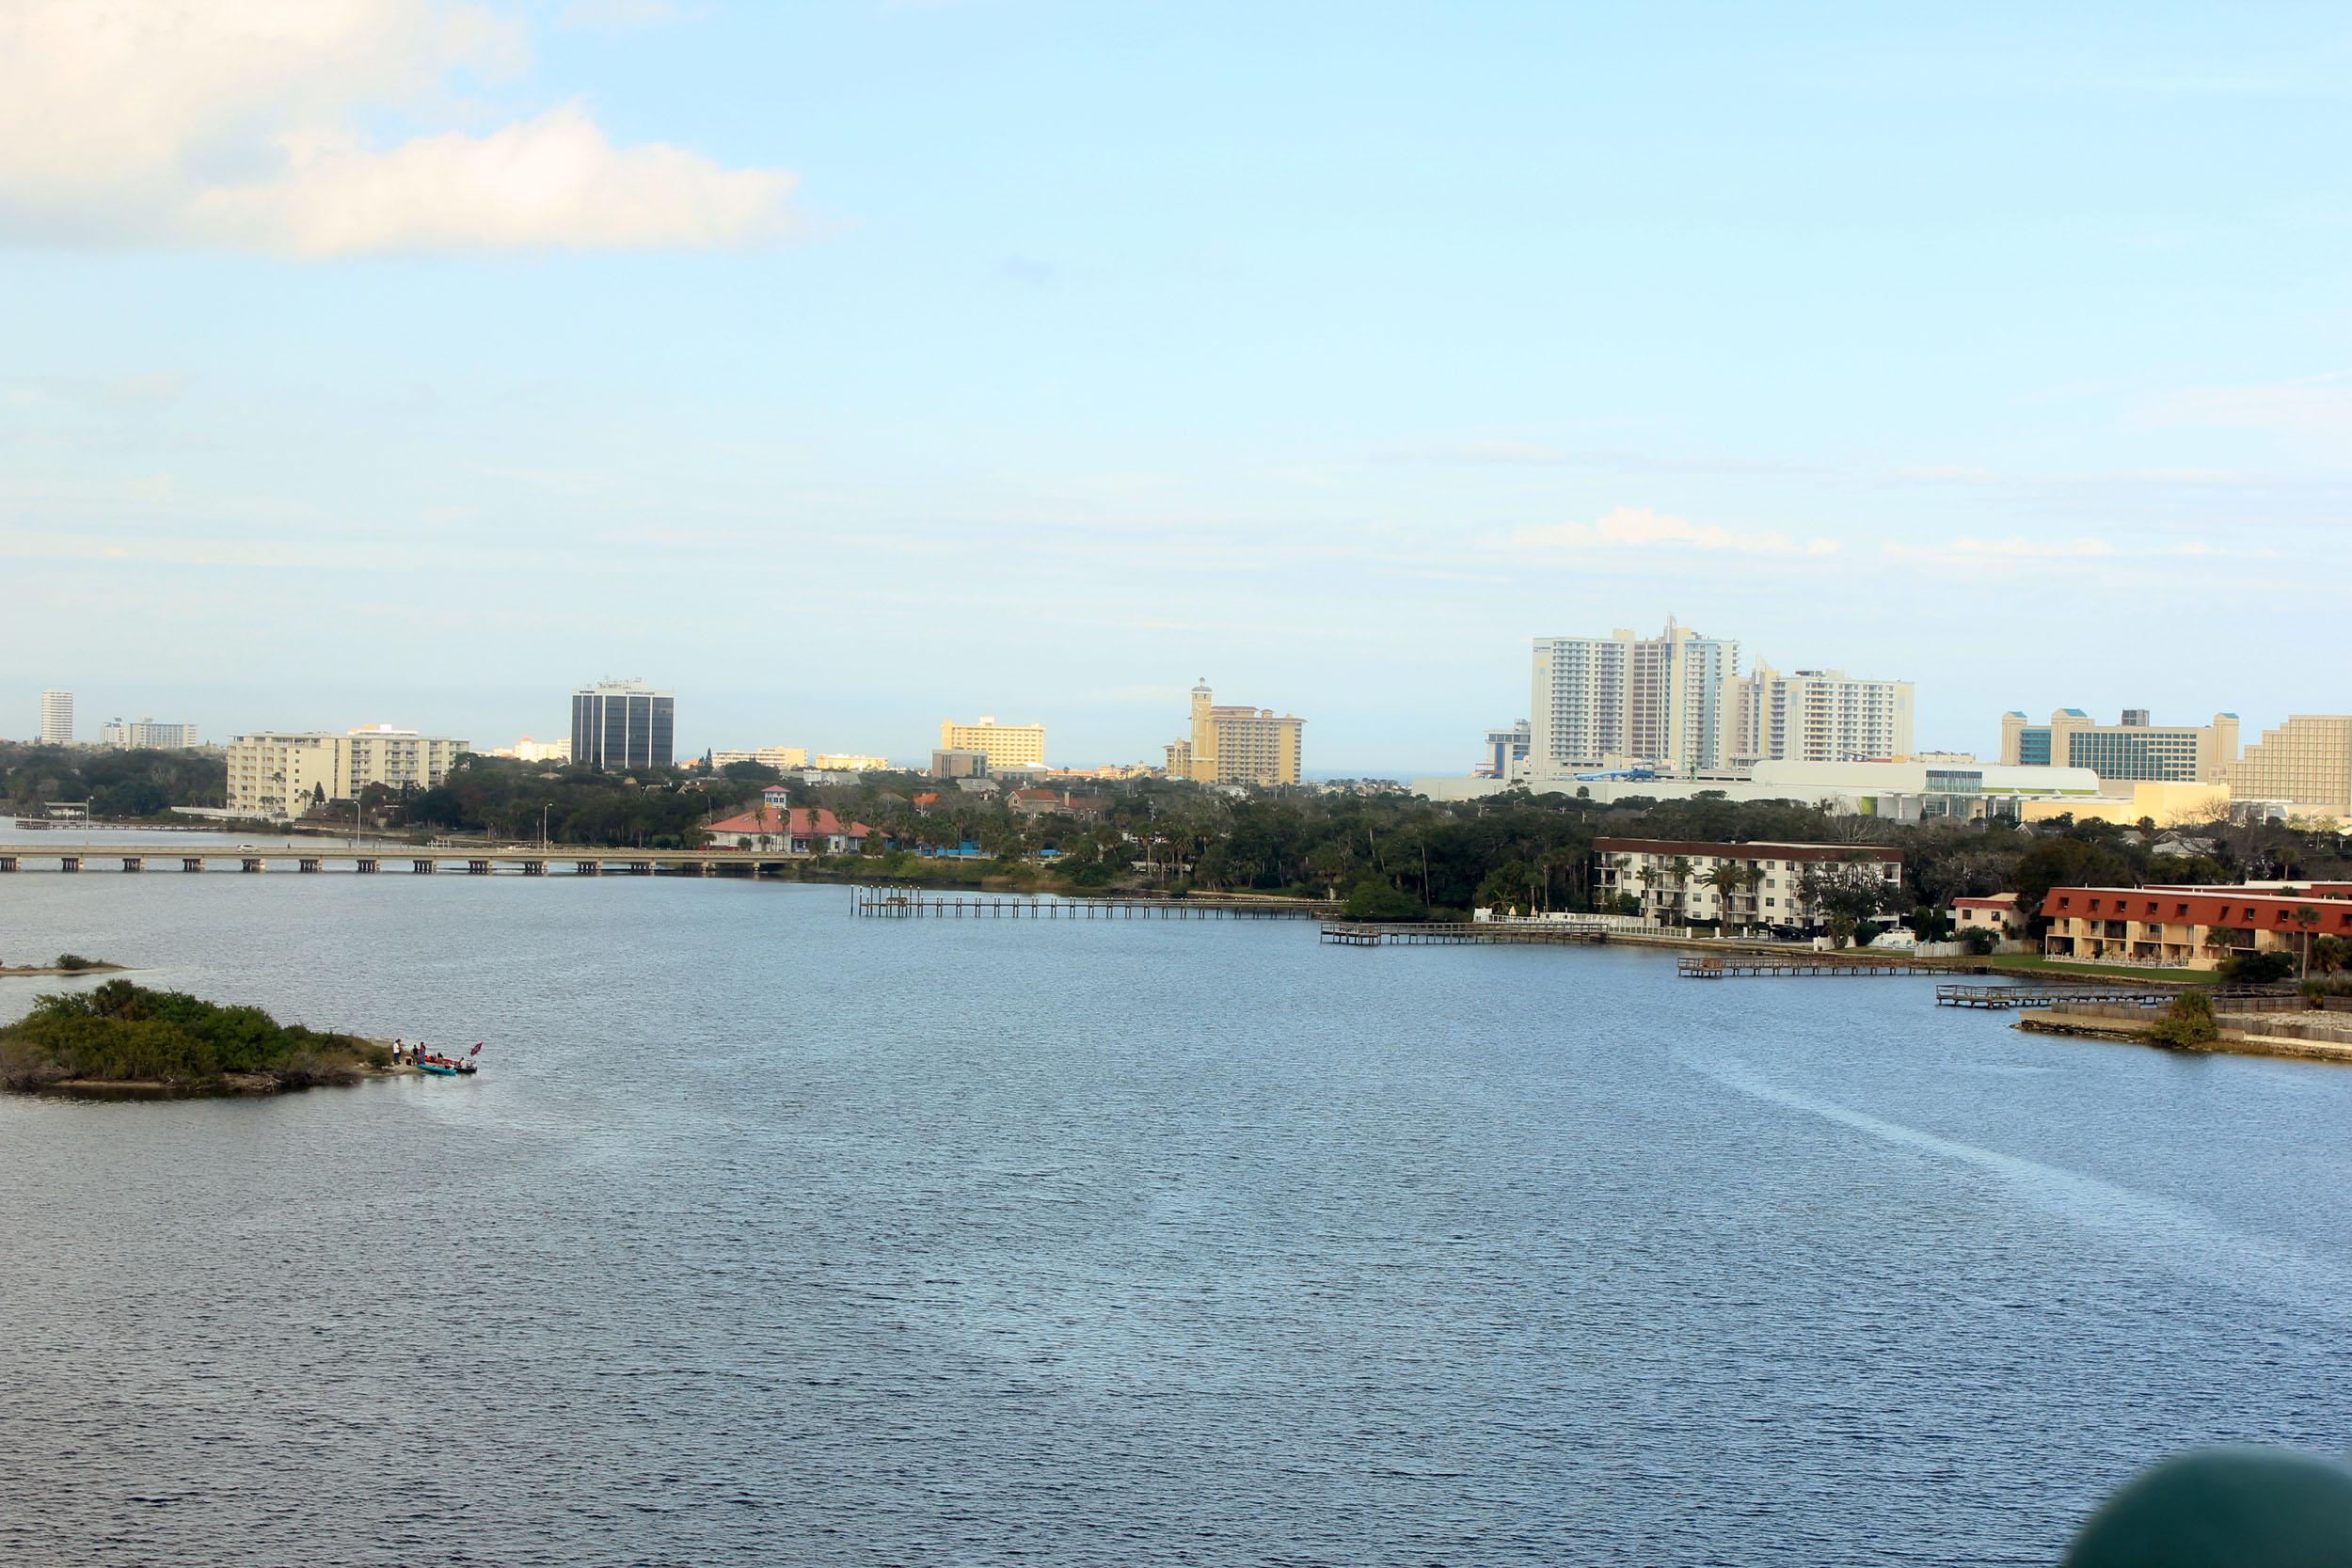 City Of Daytona Beach Folmar Subdivision Mason Avenue